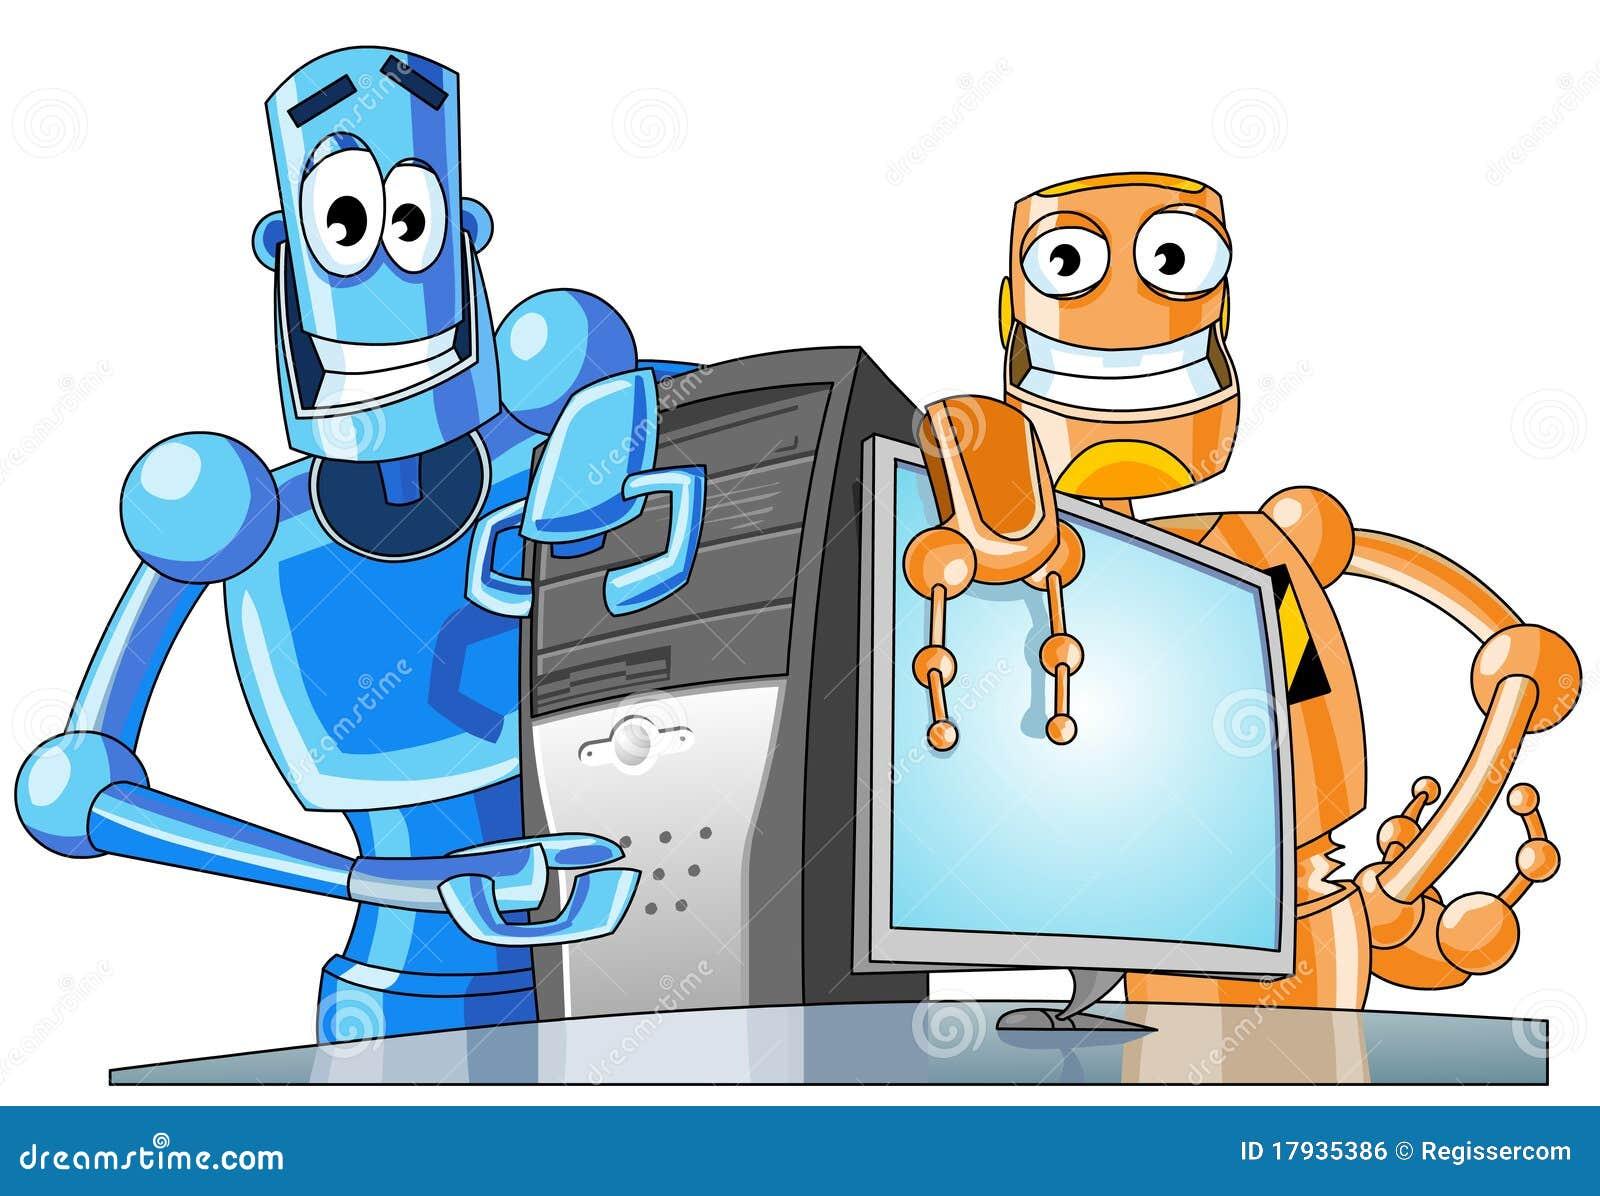 zwei lustige roboter mit einem computer lizenzfreies. Black Bedroom Furniture Sets. Home Design Ideas